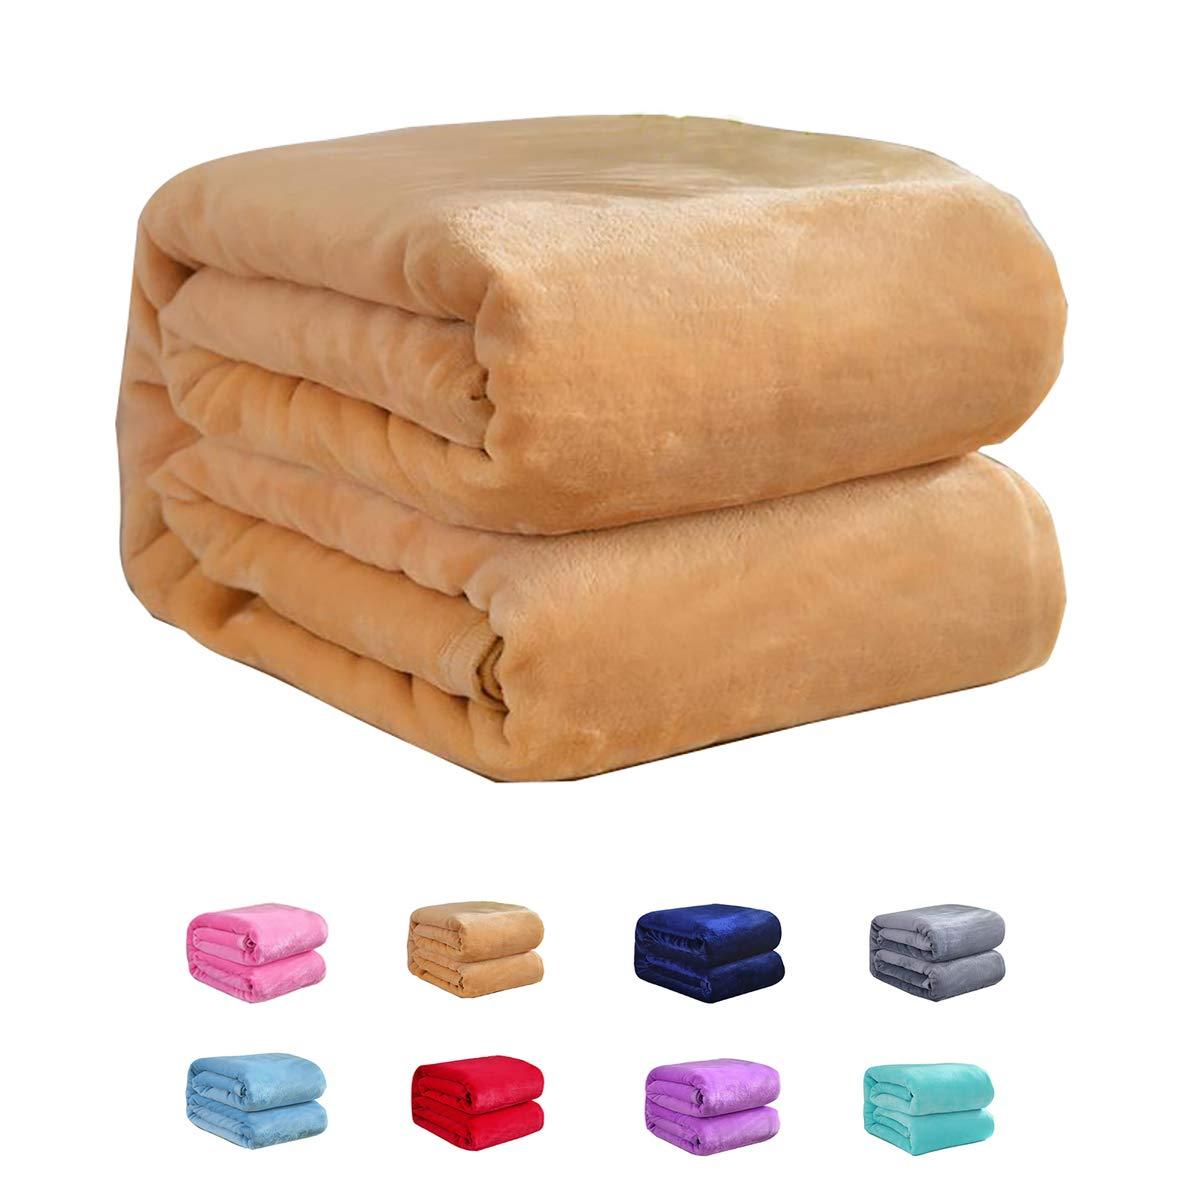 Flannel Fleece Luxury Blanket Twin Size Lightweight Cozy Plush Microfiber Solid Blanket Soft Warm Cozy Kids Teen Blanket (Tan, 60x80inch-Twin)